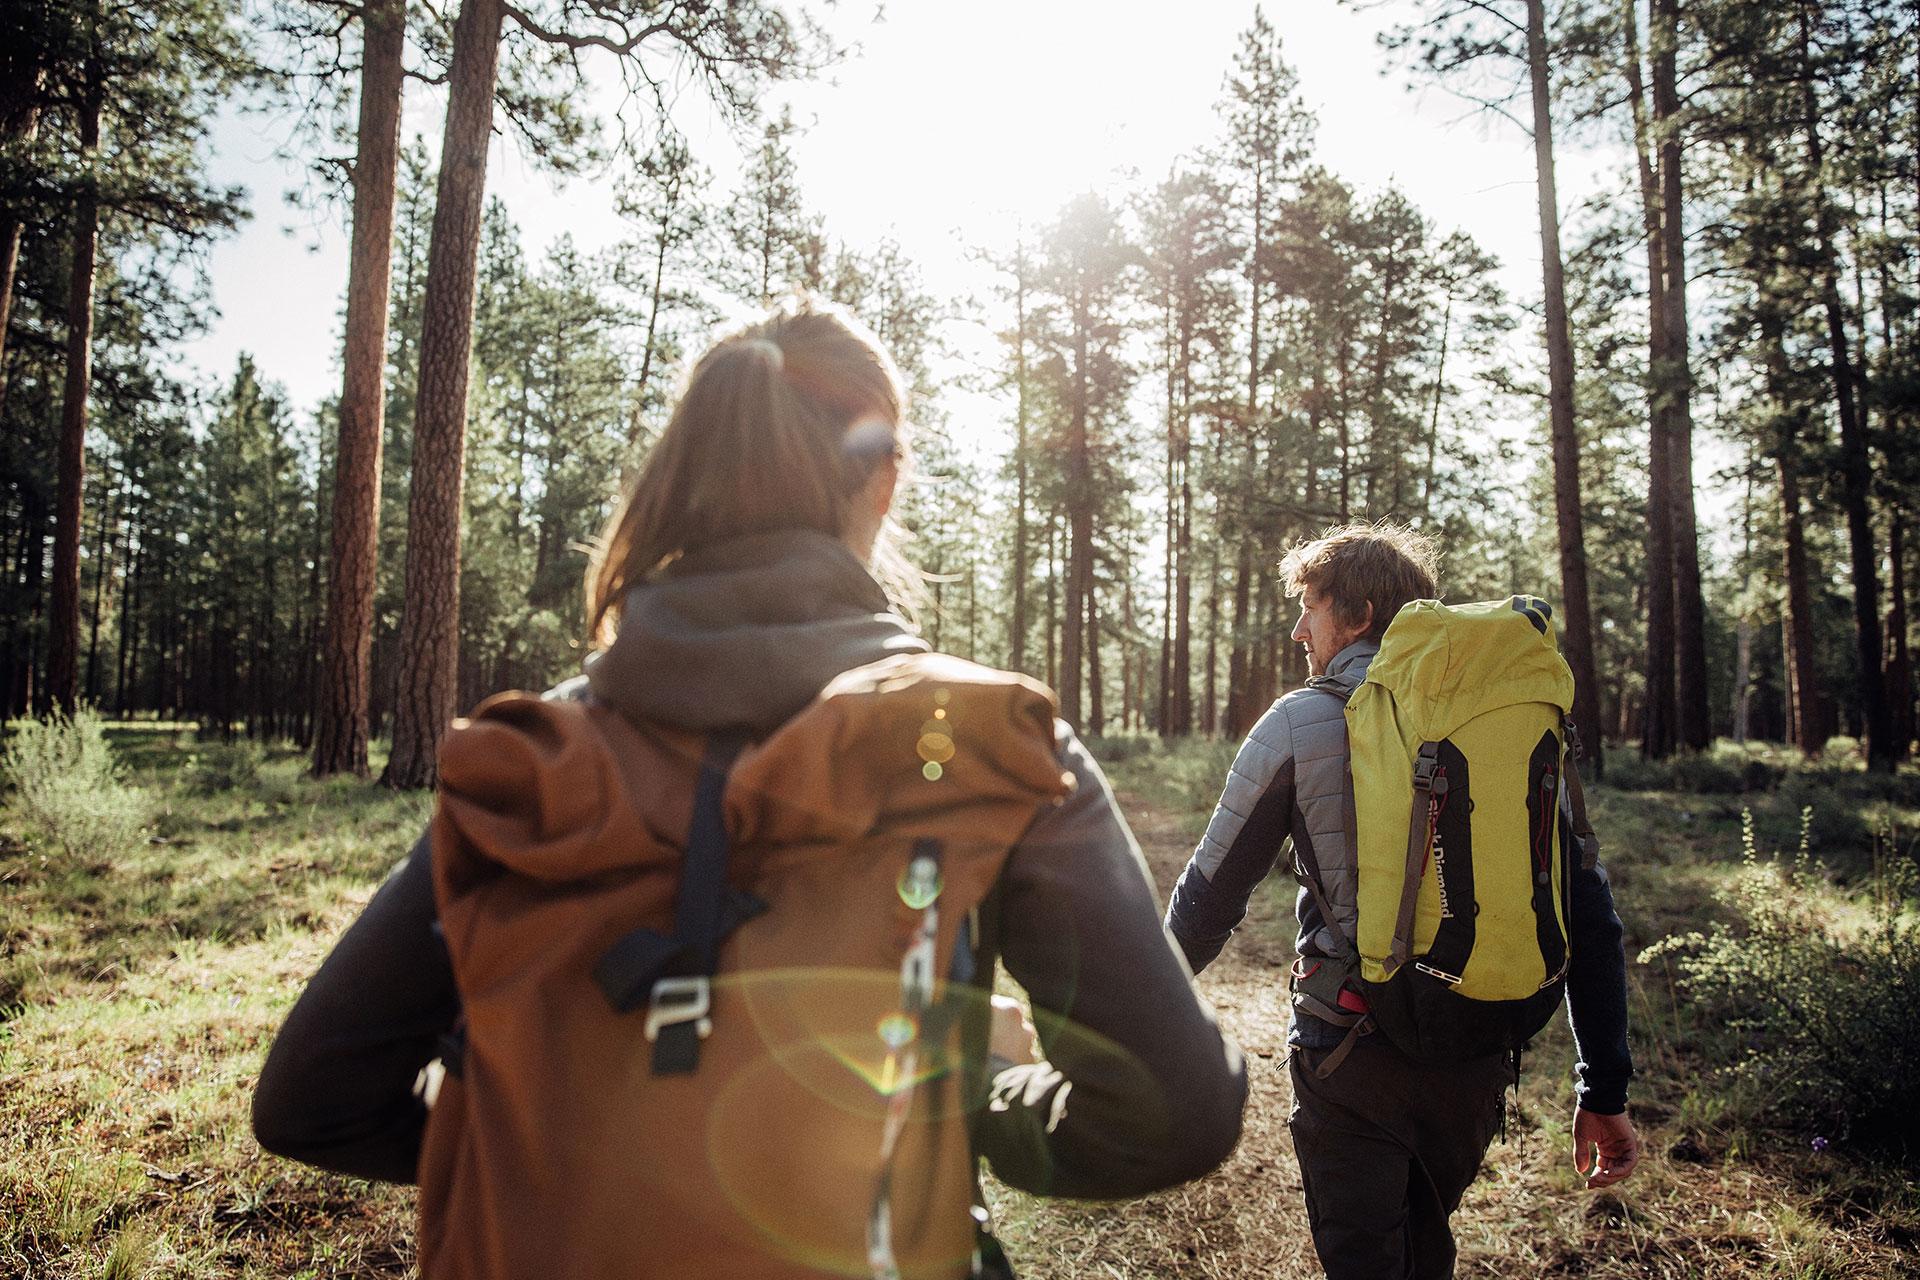 wandern fotograf outdoor wald shooting katalog maloja deutschland berlin